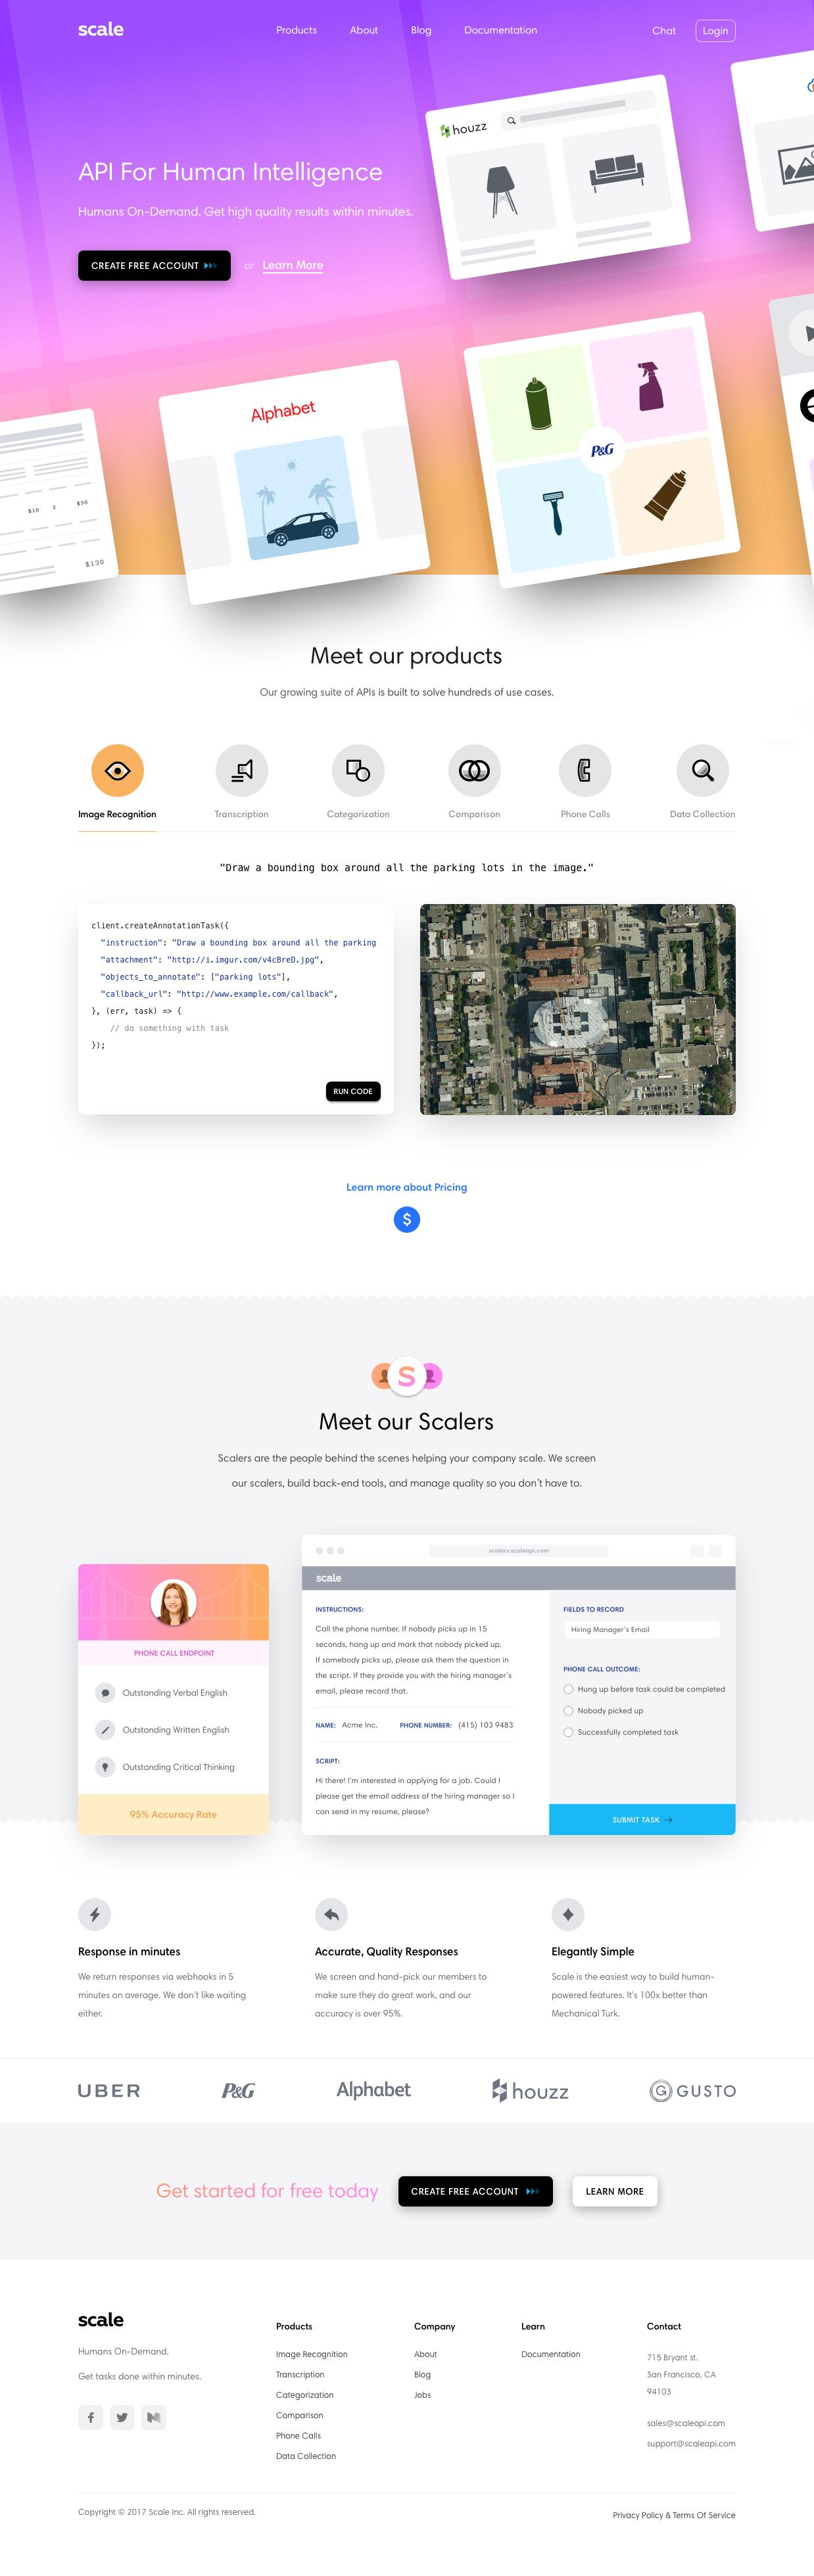 Scale Api For Human Intelligence Website Design Inspiration Page Design Cool Websites